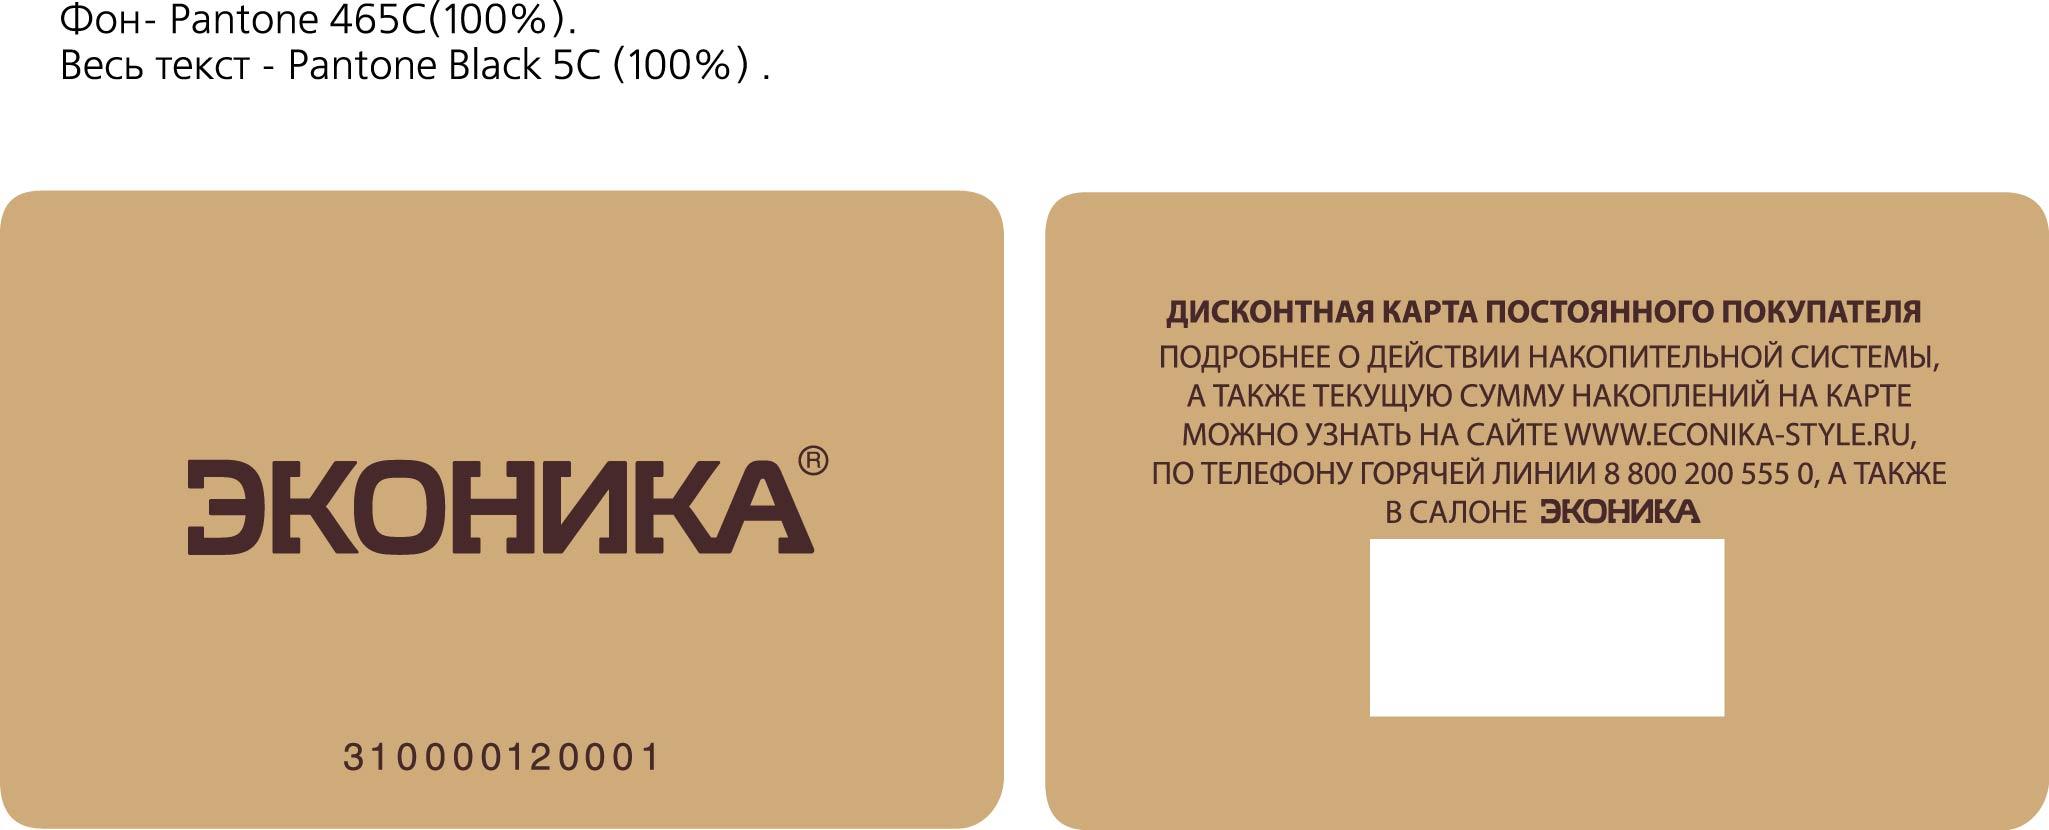 Расчетные карты со скидкой Борисоглебск